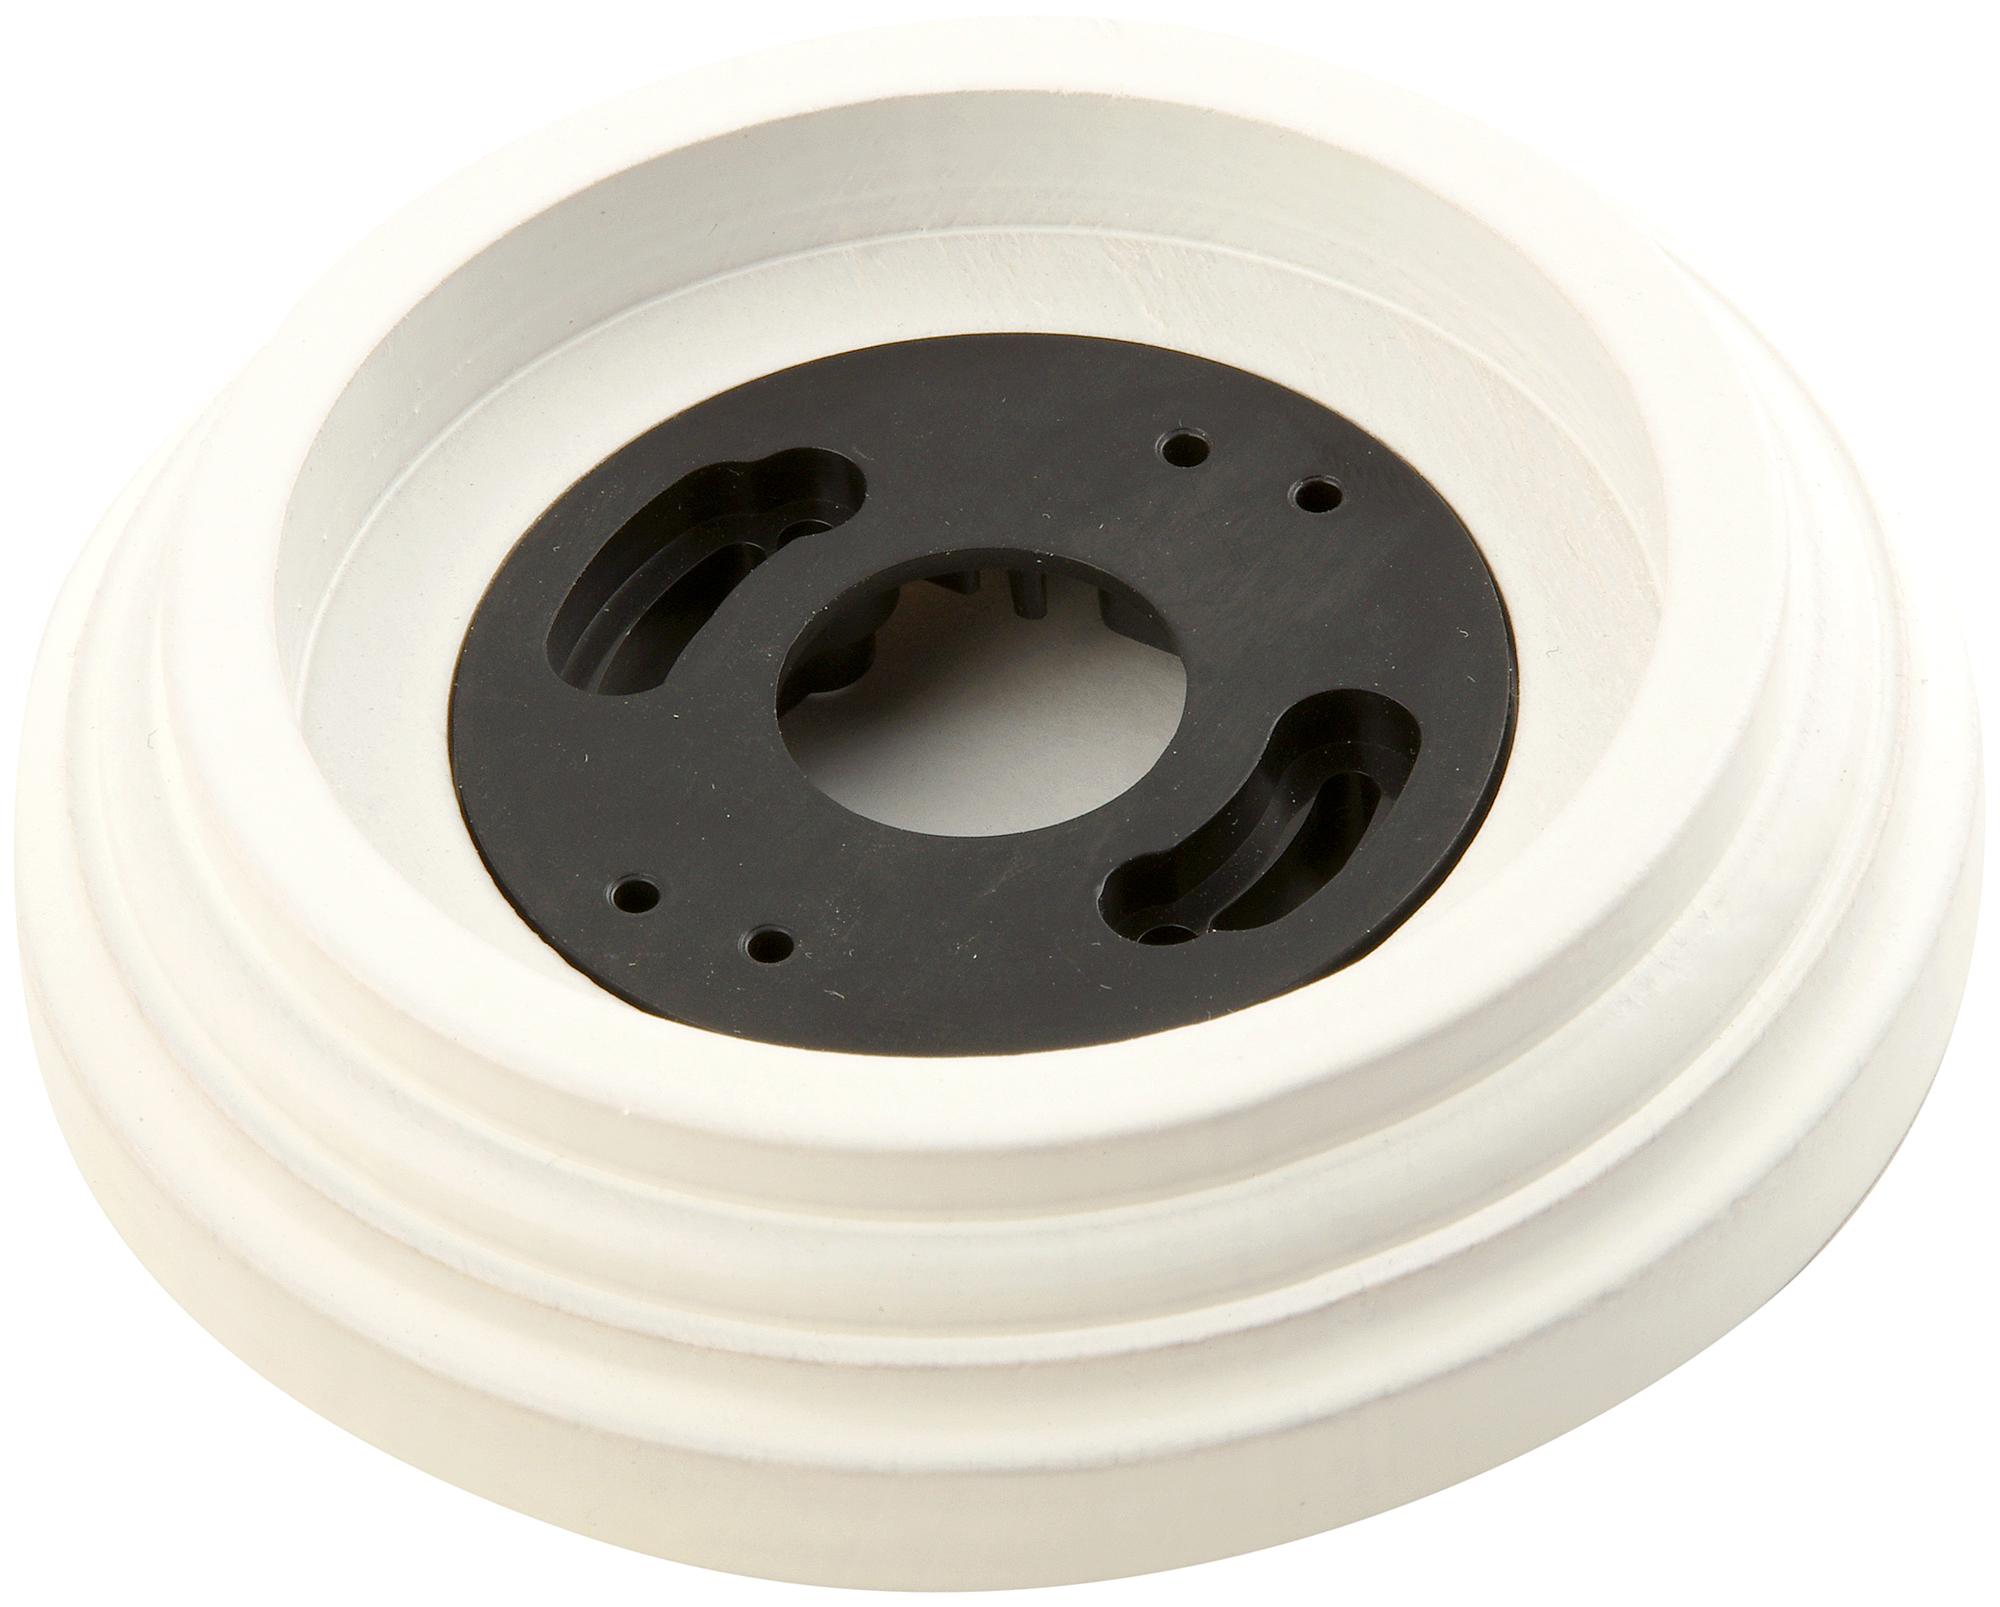 Рамка одноместная наружная Sun Lumen 080-002-Б, цвет белый